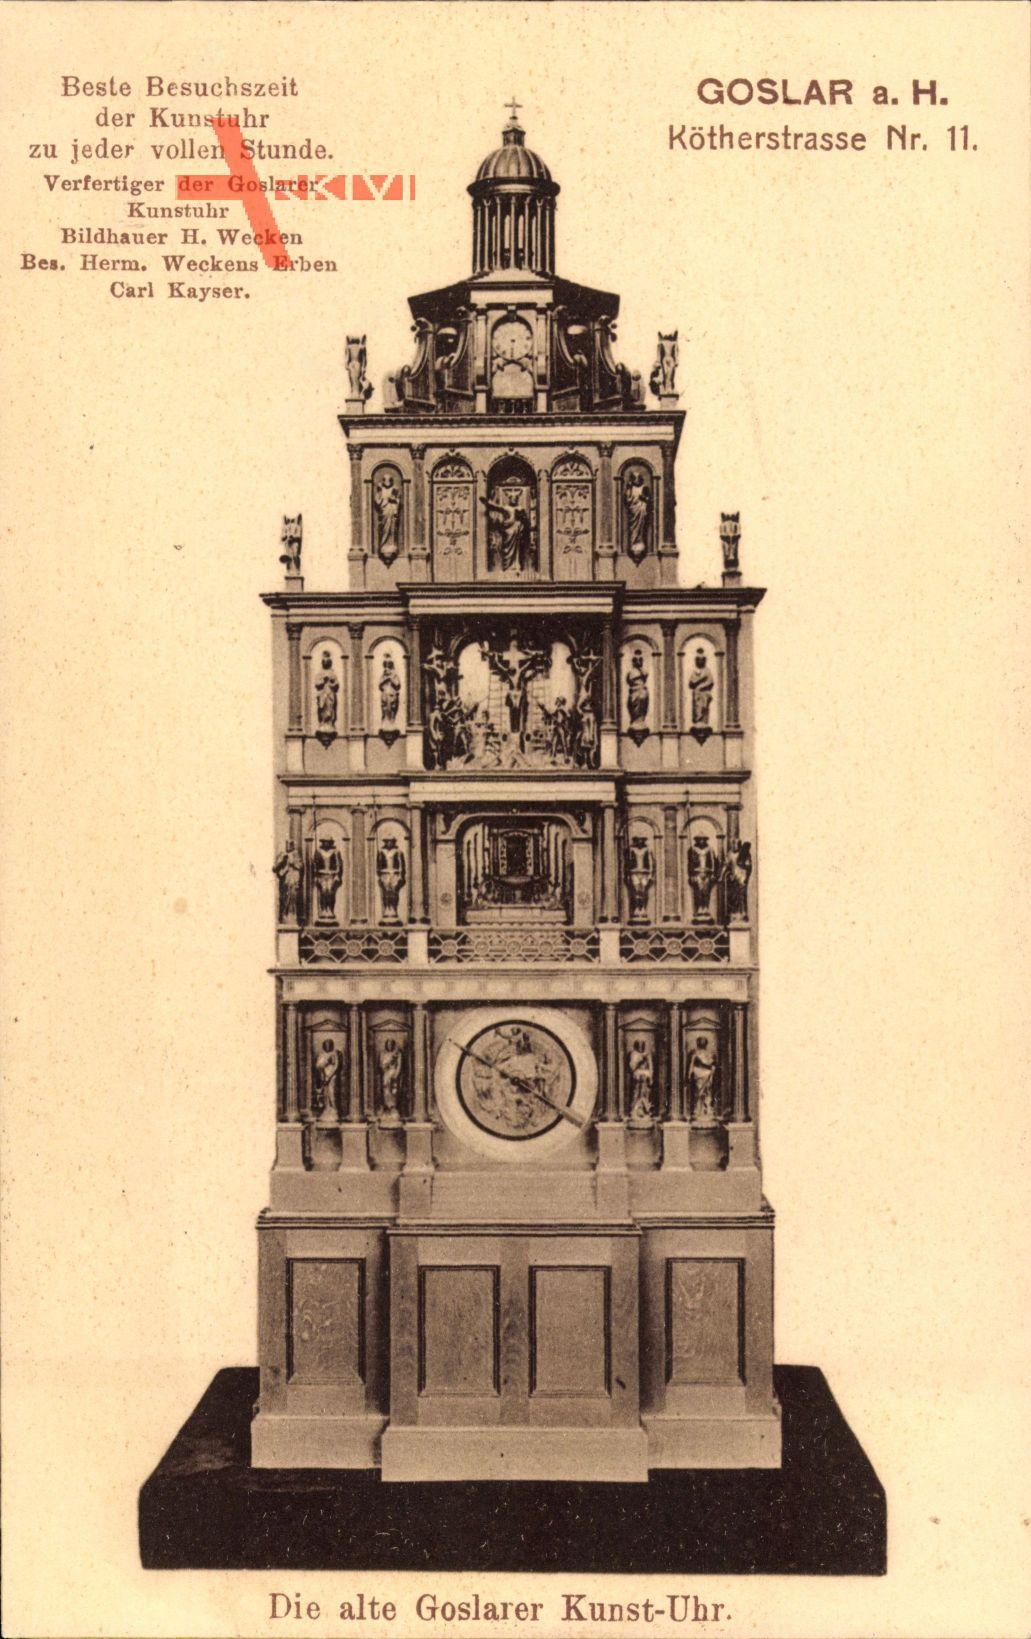 Goslar in Niedersachsen, Die alte Goslarer Kunst Uhr, Kötherstraße 11